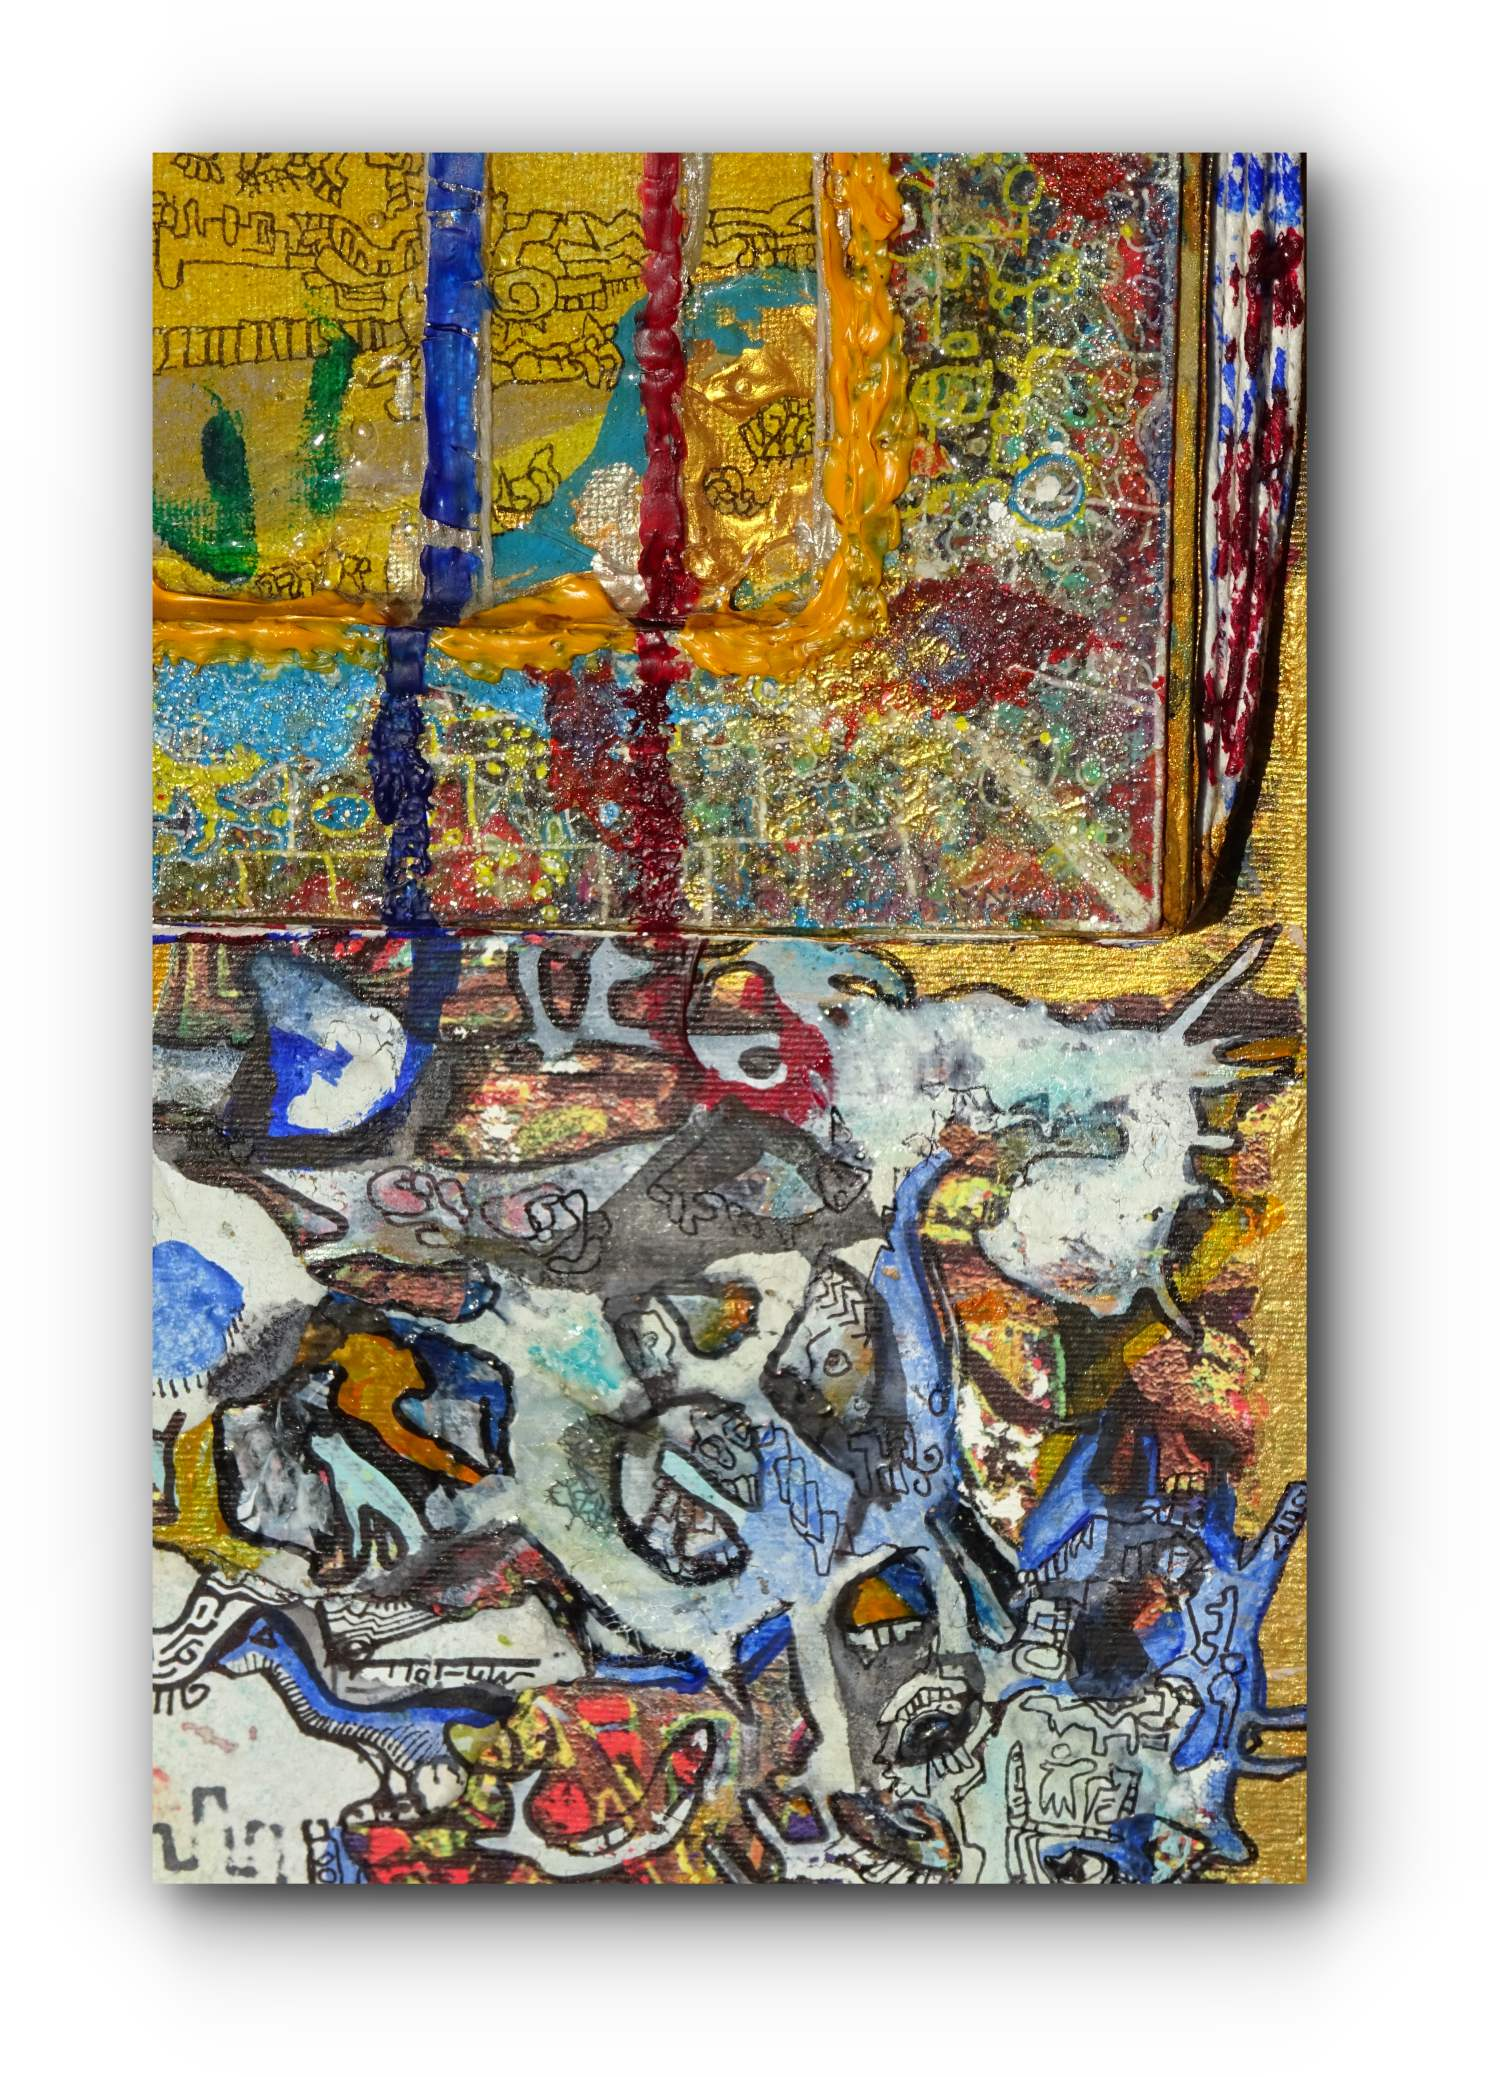 painting-detail-13-receiver-artist-duo-ingress-vortices.jpg